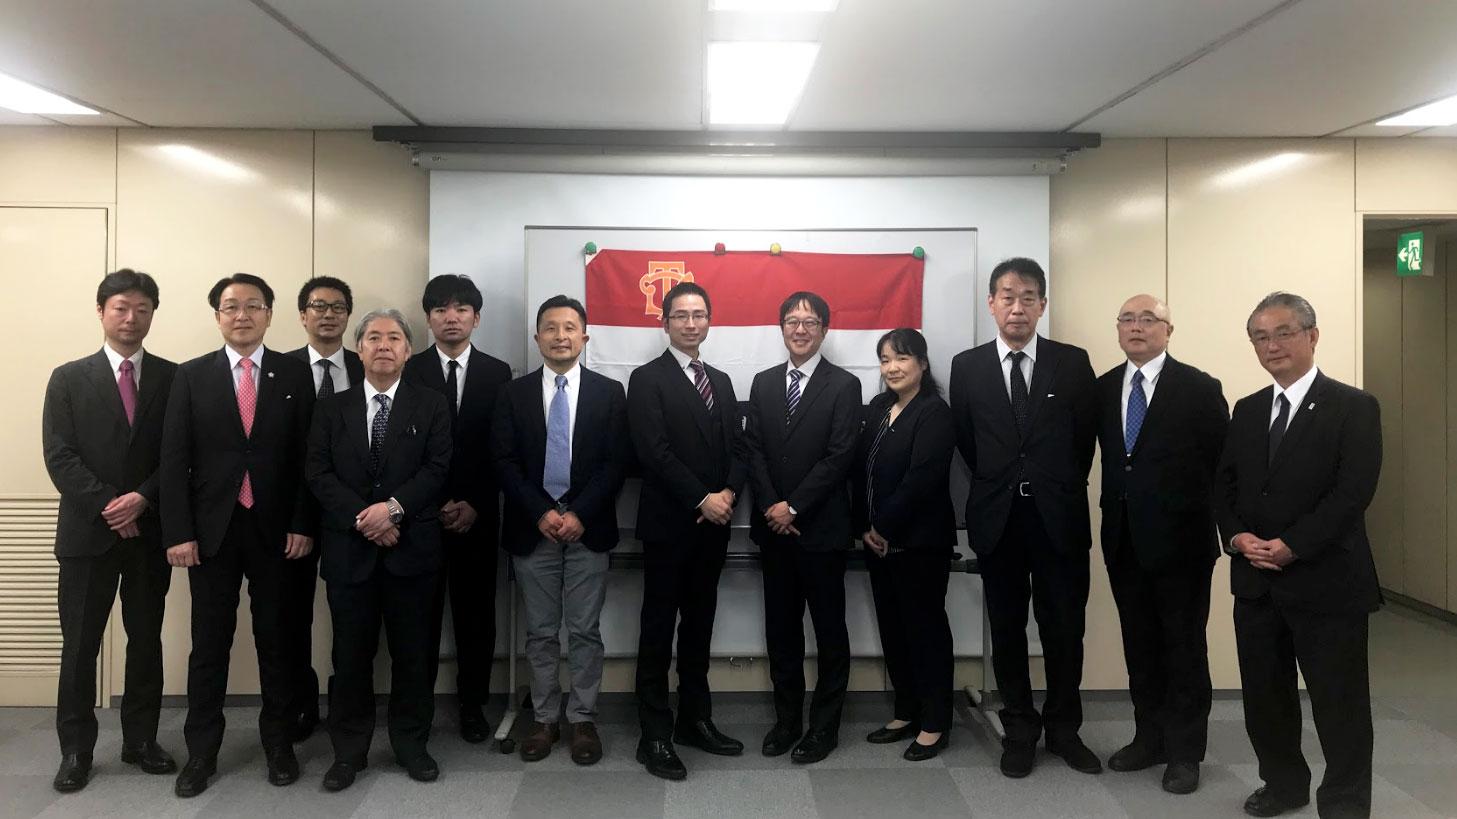 東京歯科大学同窓会「総合調査委員会シンポジウム」に登壇させていただきました